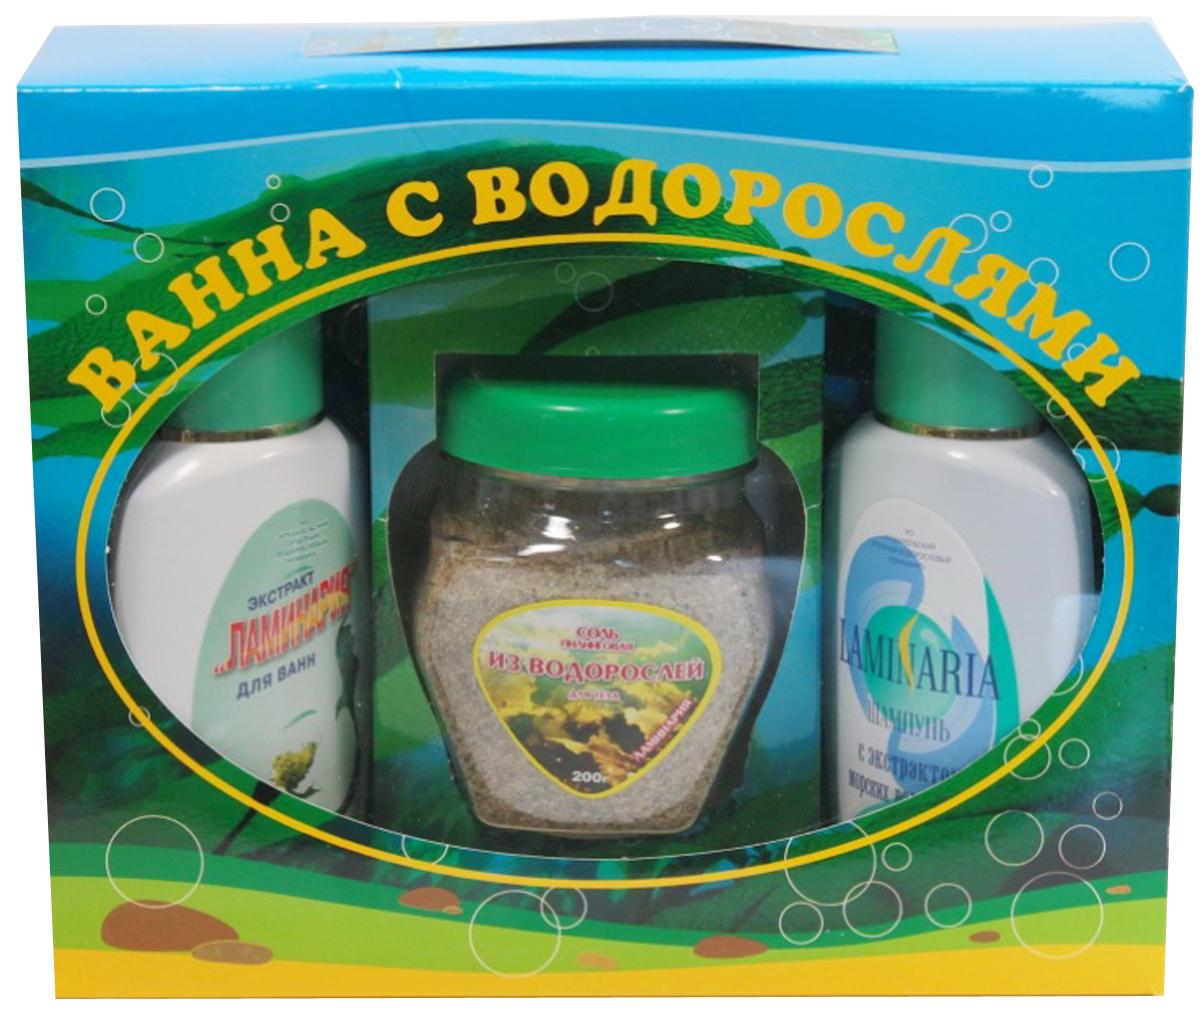 АОВК Набор косметический Ванна  водорослями: Пилинговая соль из водорослей Ламинария + Шампунь   морскими  + Экстракт  для